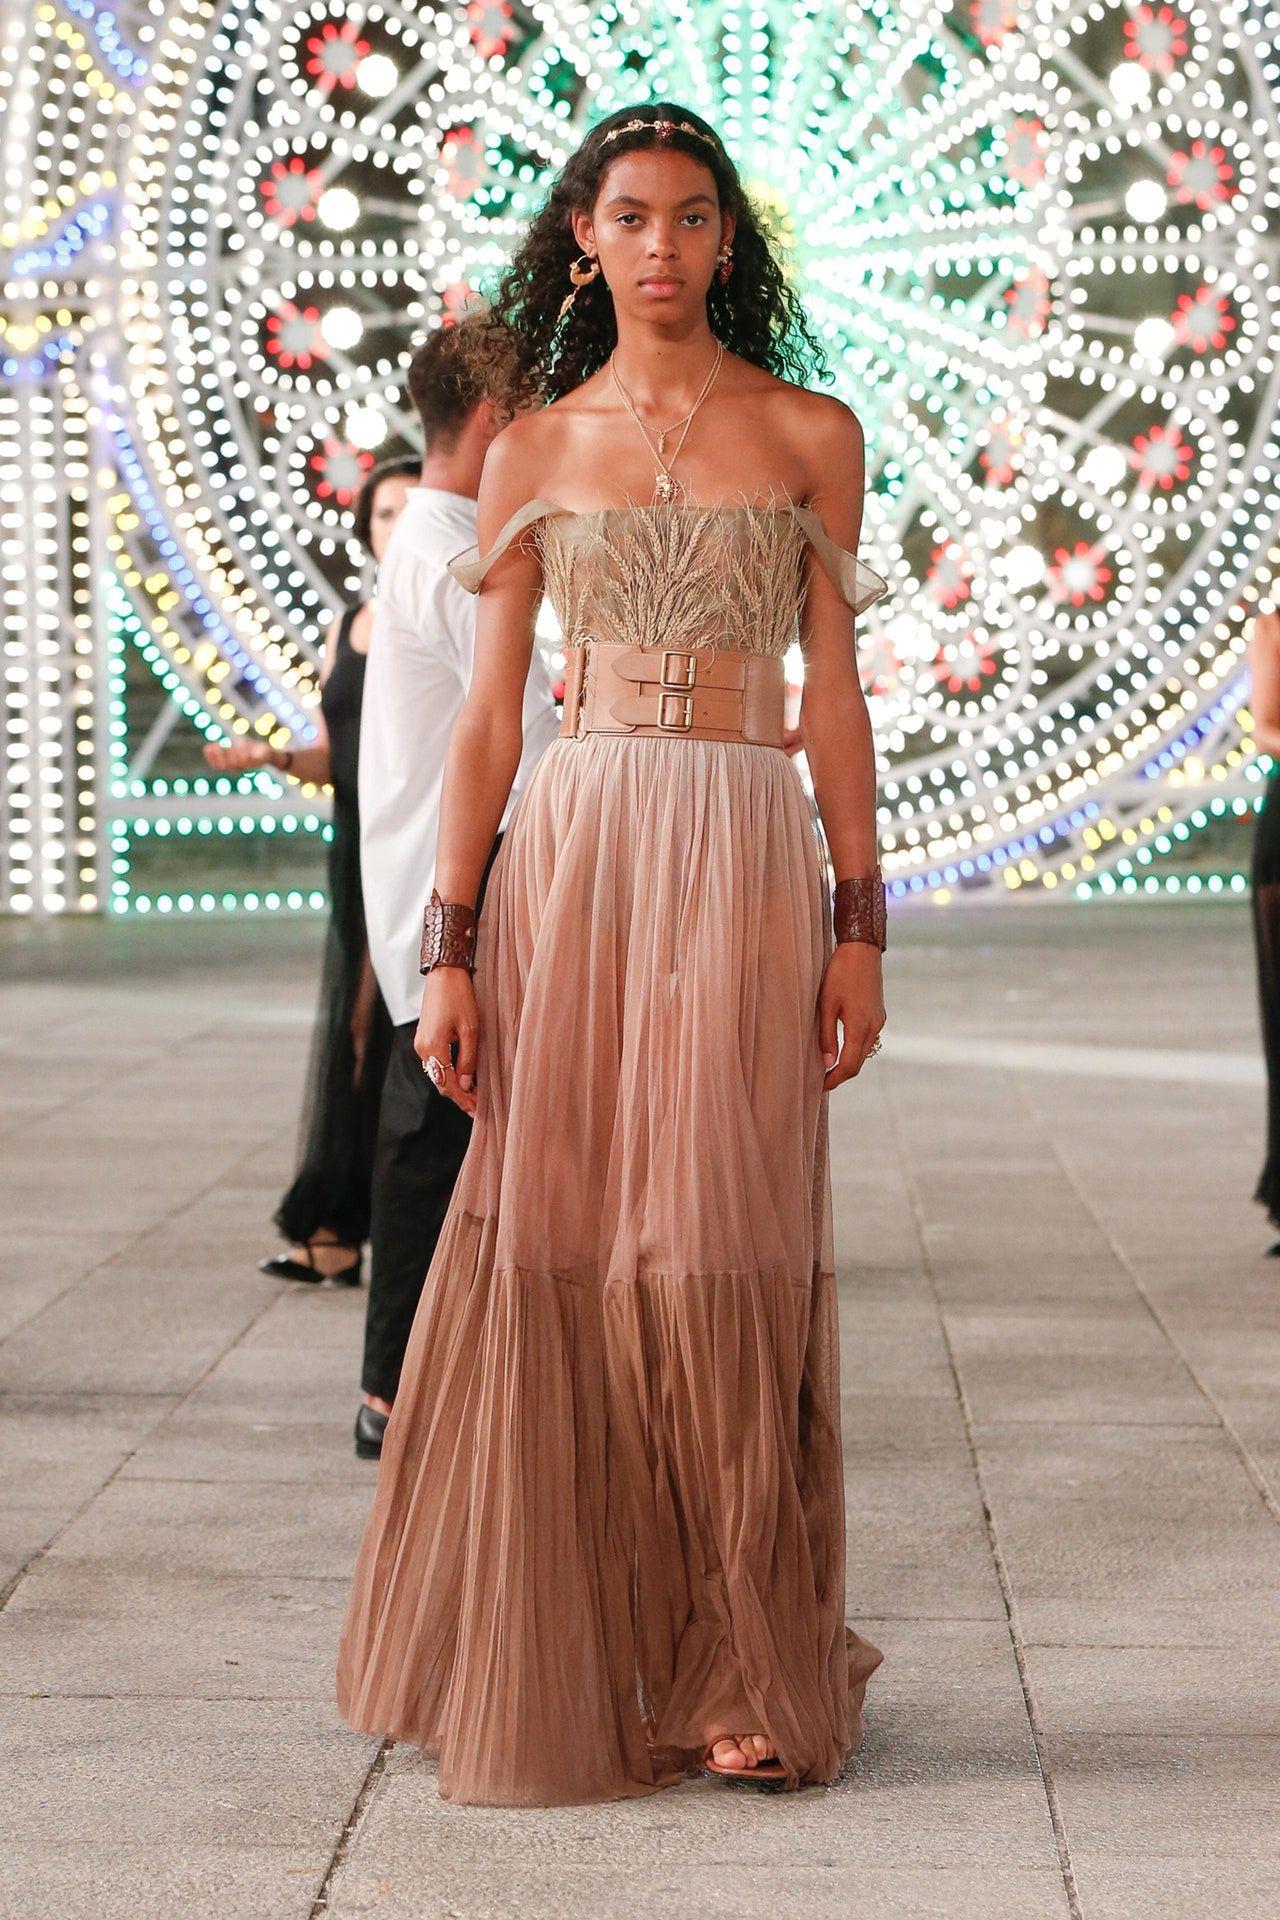 Christian Dior Resort 8 Fashion Show  Fashion, Fashion show